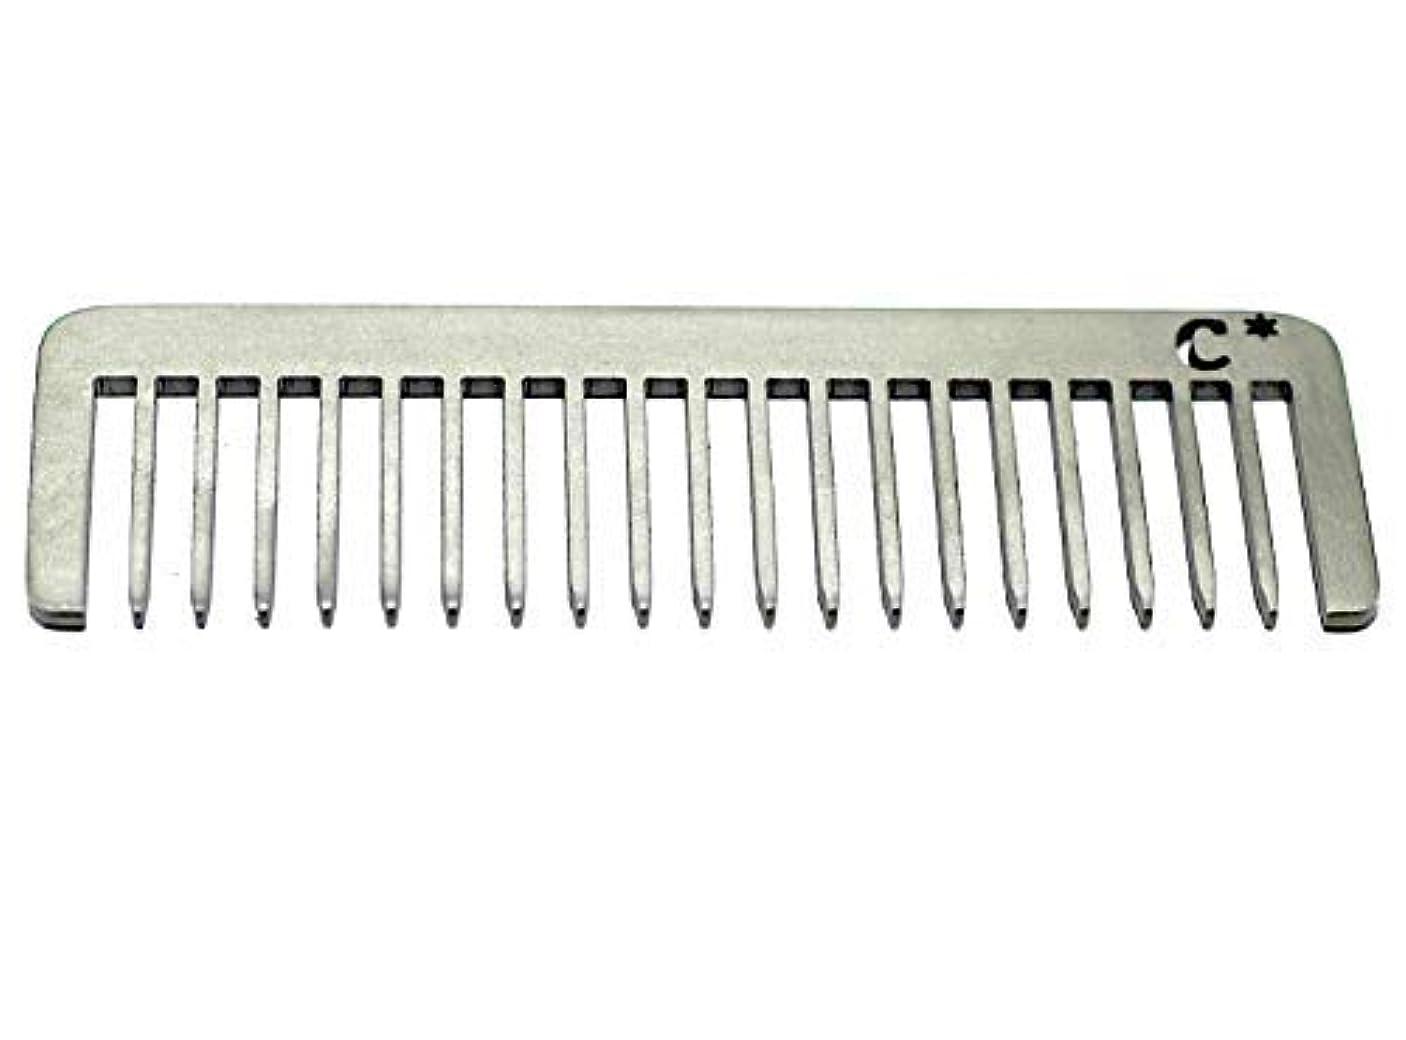 回復する預言者スケッチChicago Comb Short Model 5 Standard, Made in USA, Stainless Steel, Wide Tooth, Rake Comb, Anti-Static, Ultra-Smooth, Strong, Durable, 4 in. (10 cm) Long, Ultimate Daily Use Comb, Men & Women [並行輸入品]